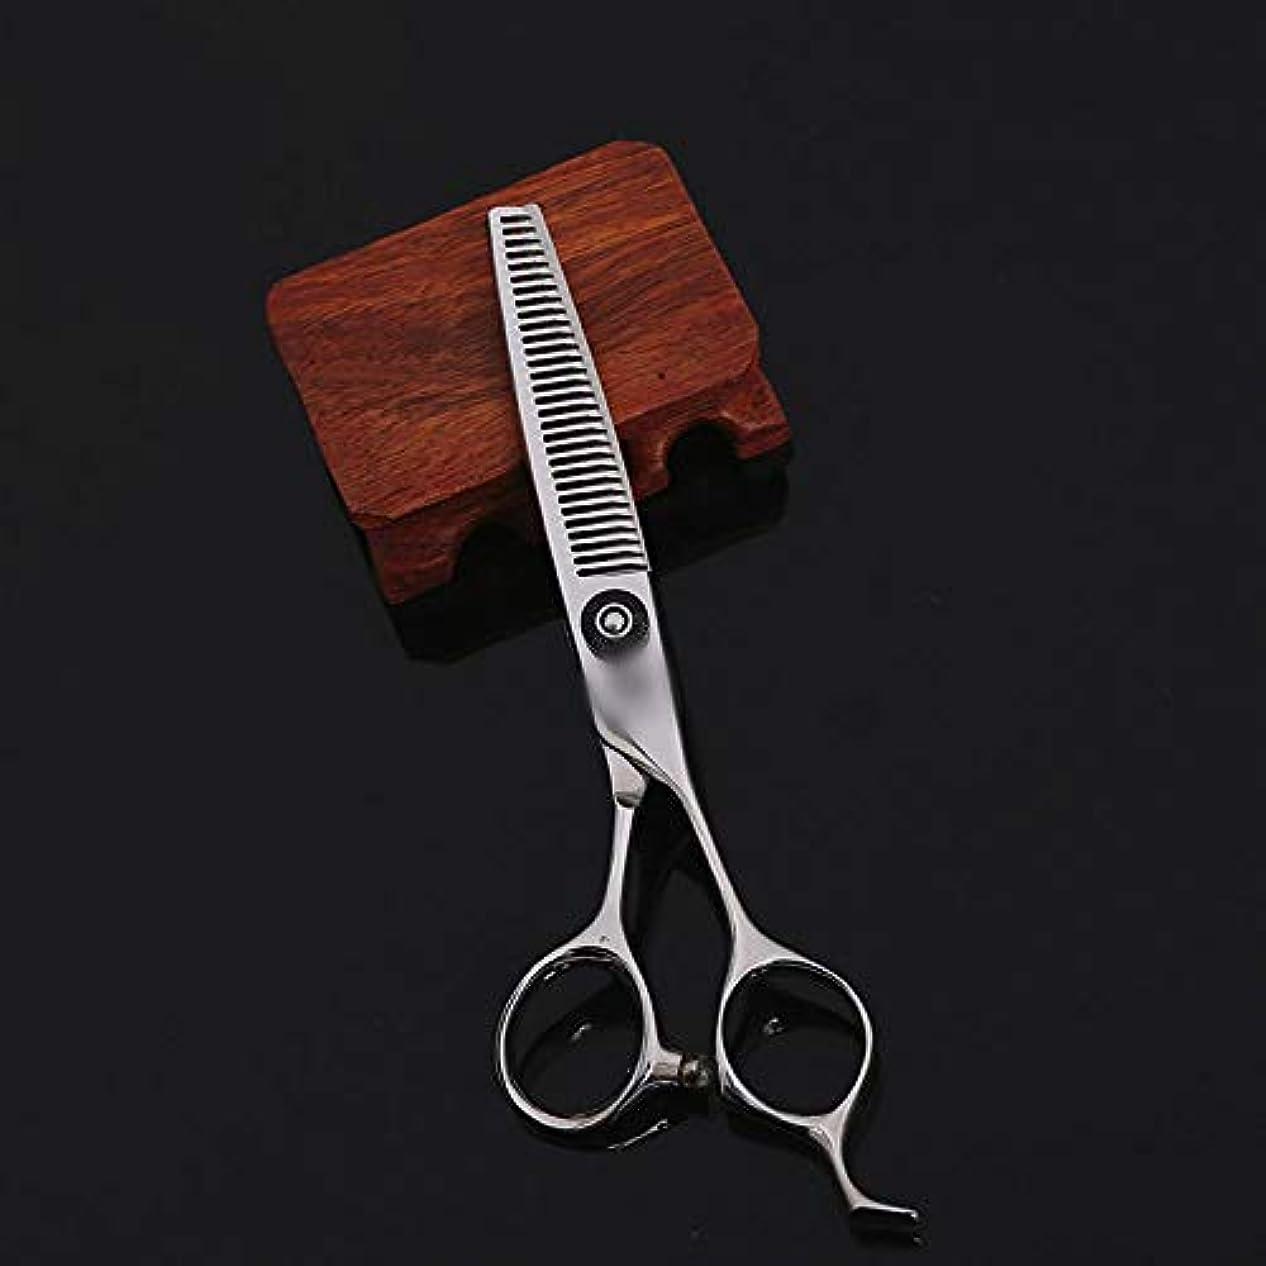 最初受動的おもしろいWASAIO プロフェッショナル口ひげトリミングアクセサリー薄毛のはさみはさみレベルカット理容室ステンレス鋼理髪6インチカービング (色 : Silver)